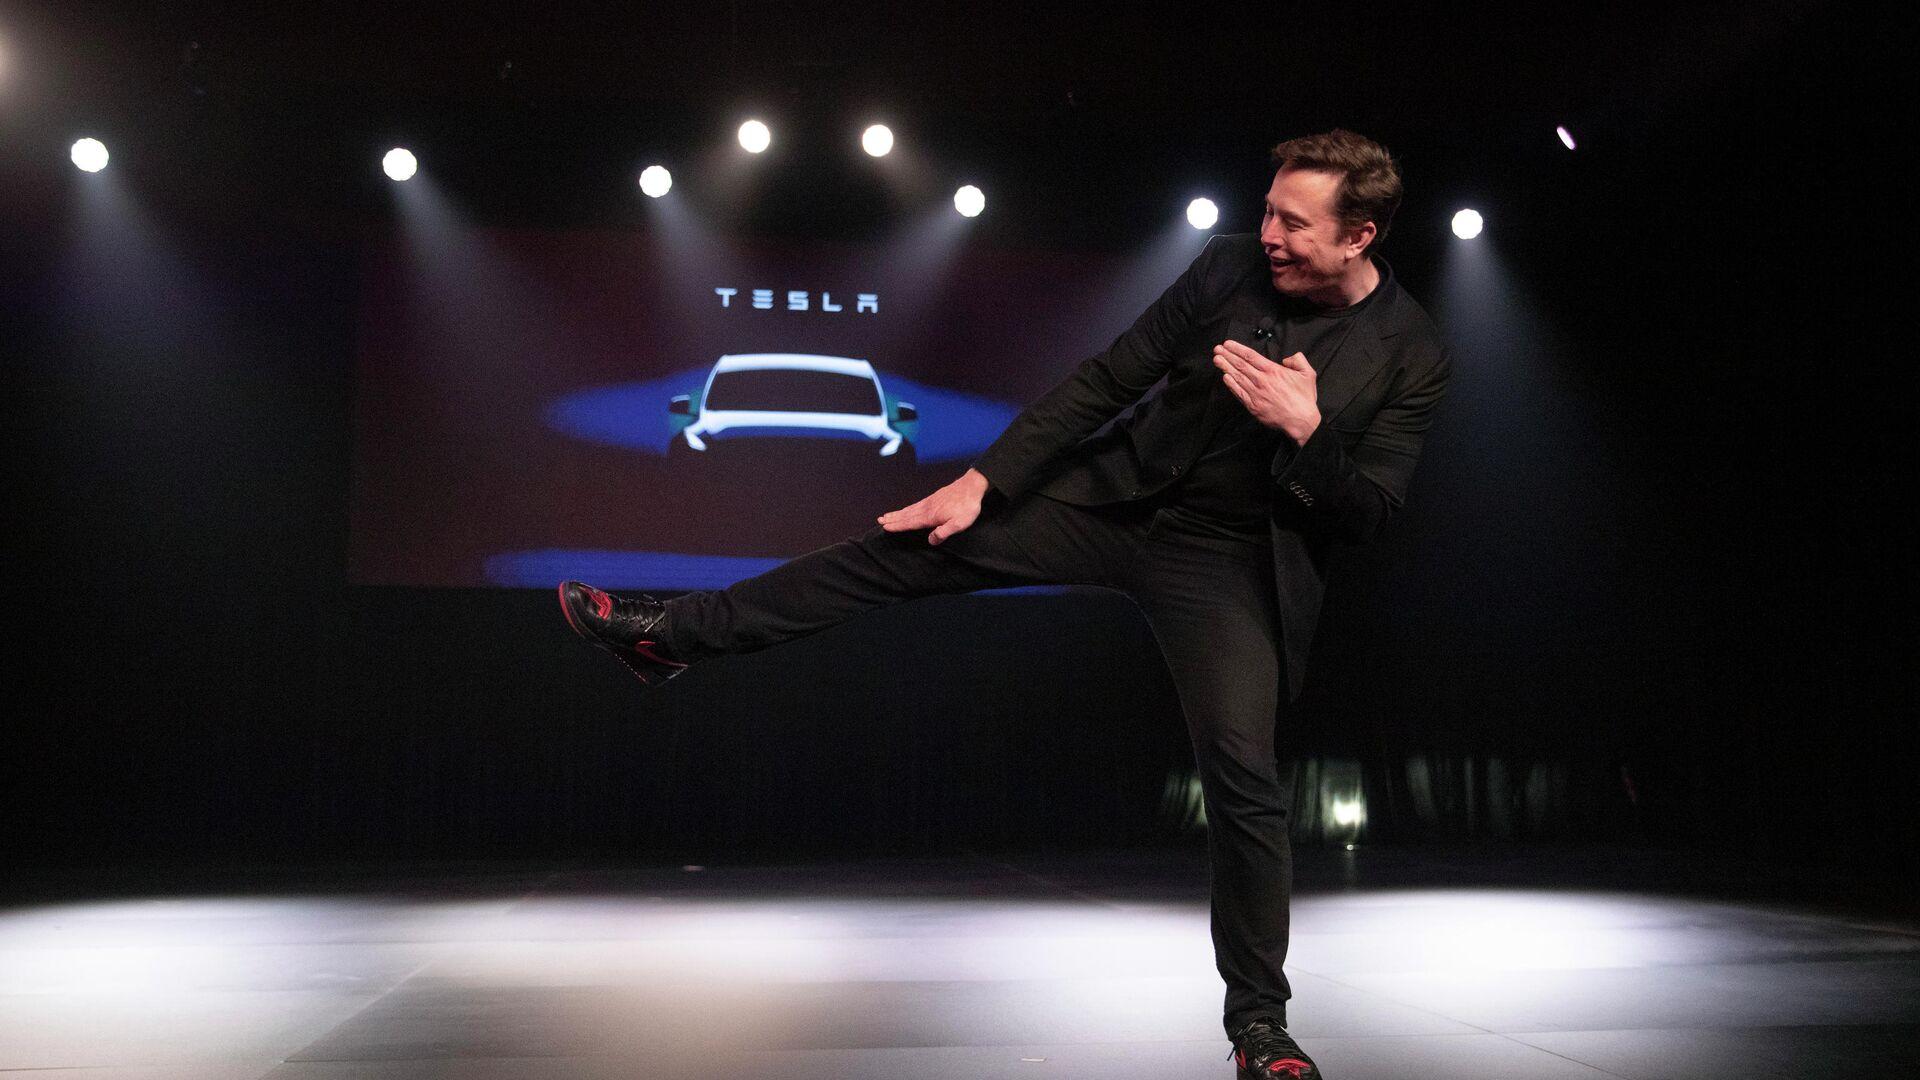 Глава компании Tesla Илон Маск во время презентации автомобиля Tesla Model Y. 14 марта 2019 - РИА Новости, 1920, 24.11.2020